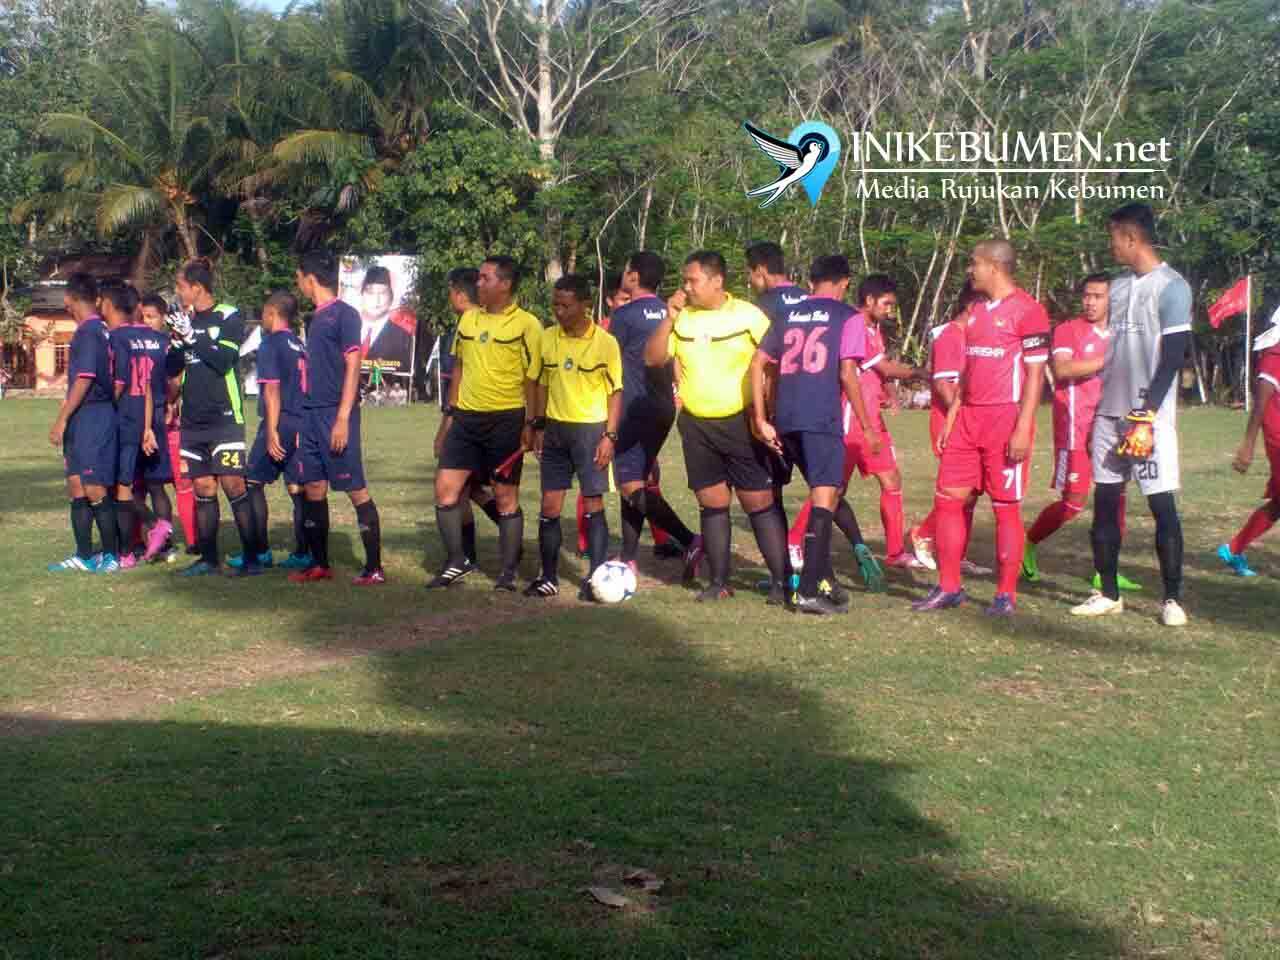 Sore ini, Fajar Muda FC Karangduwur Tantang Putra Waringin Sakti FC Buluspesantren di Laga Final Darori Cup 2017